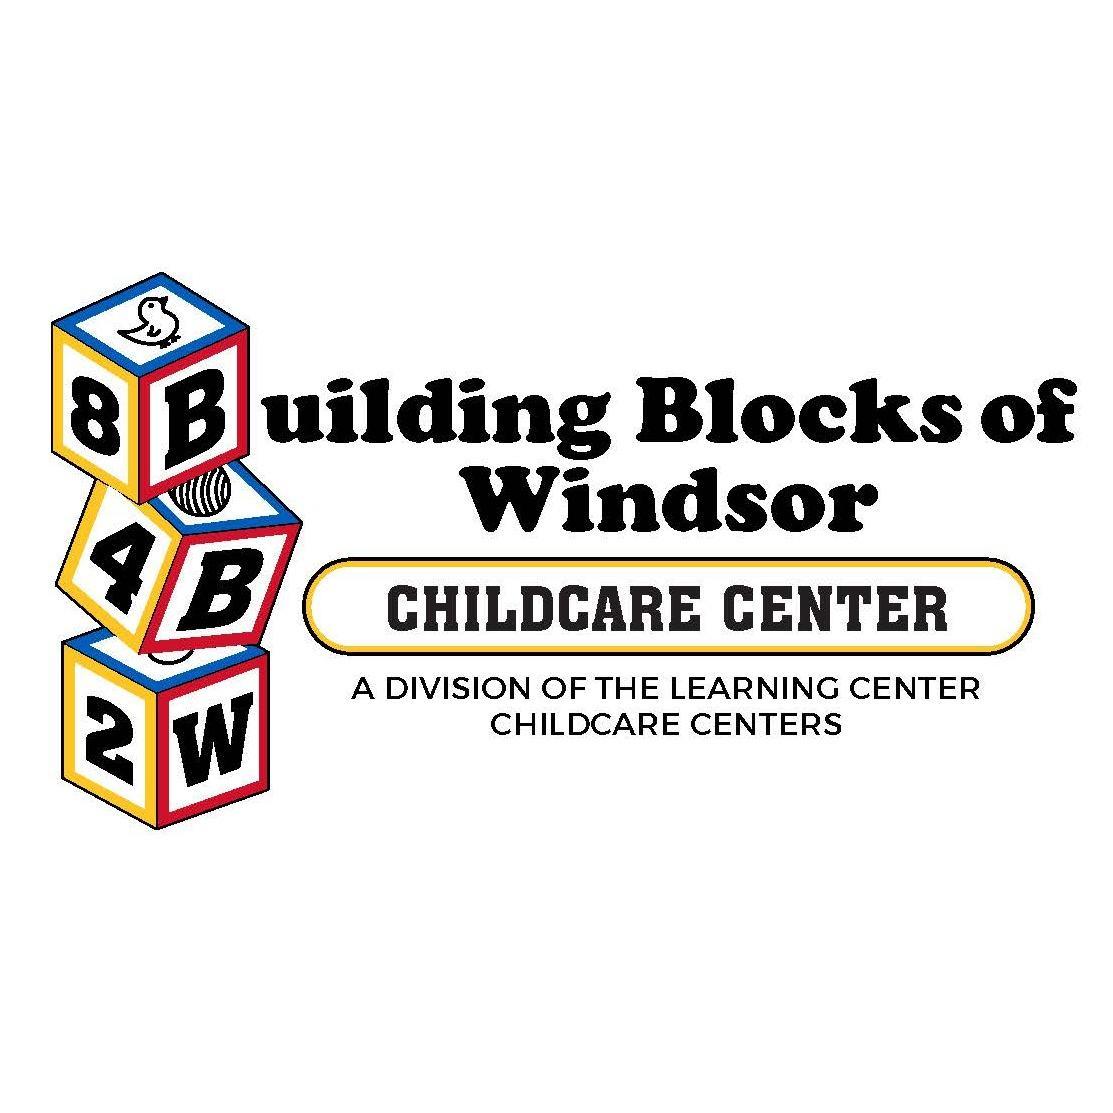 Building Blocks of Windsor image 4